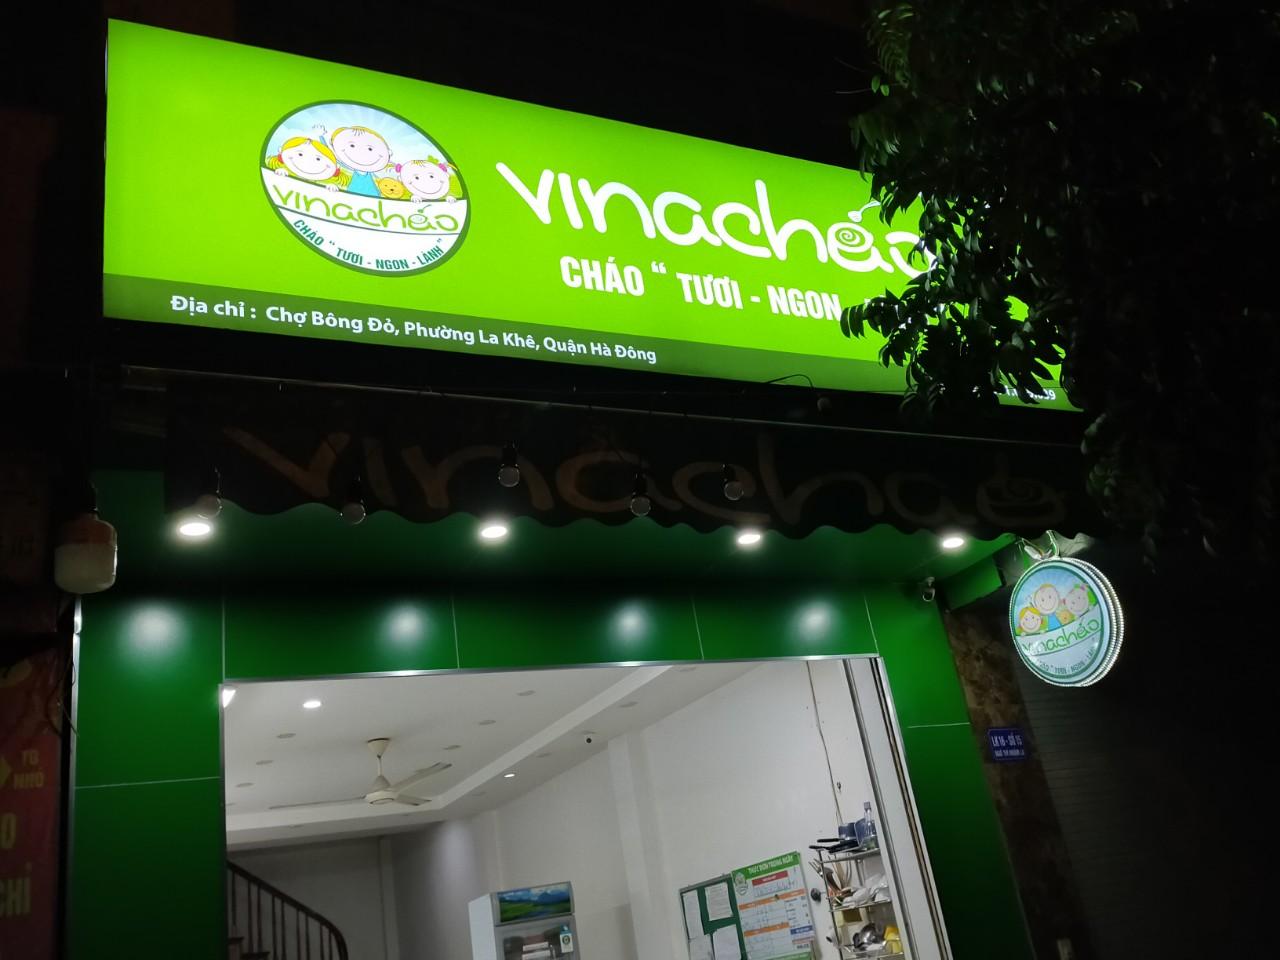 Biển quảng cáo 3M VinaChao tại Hà Đông